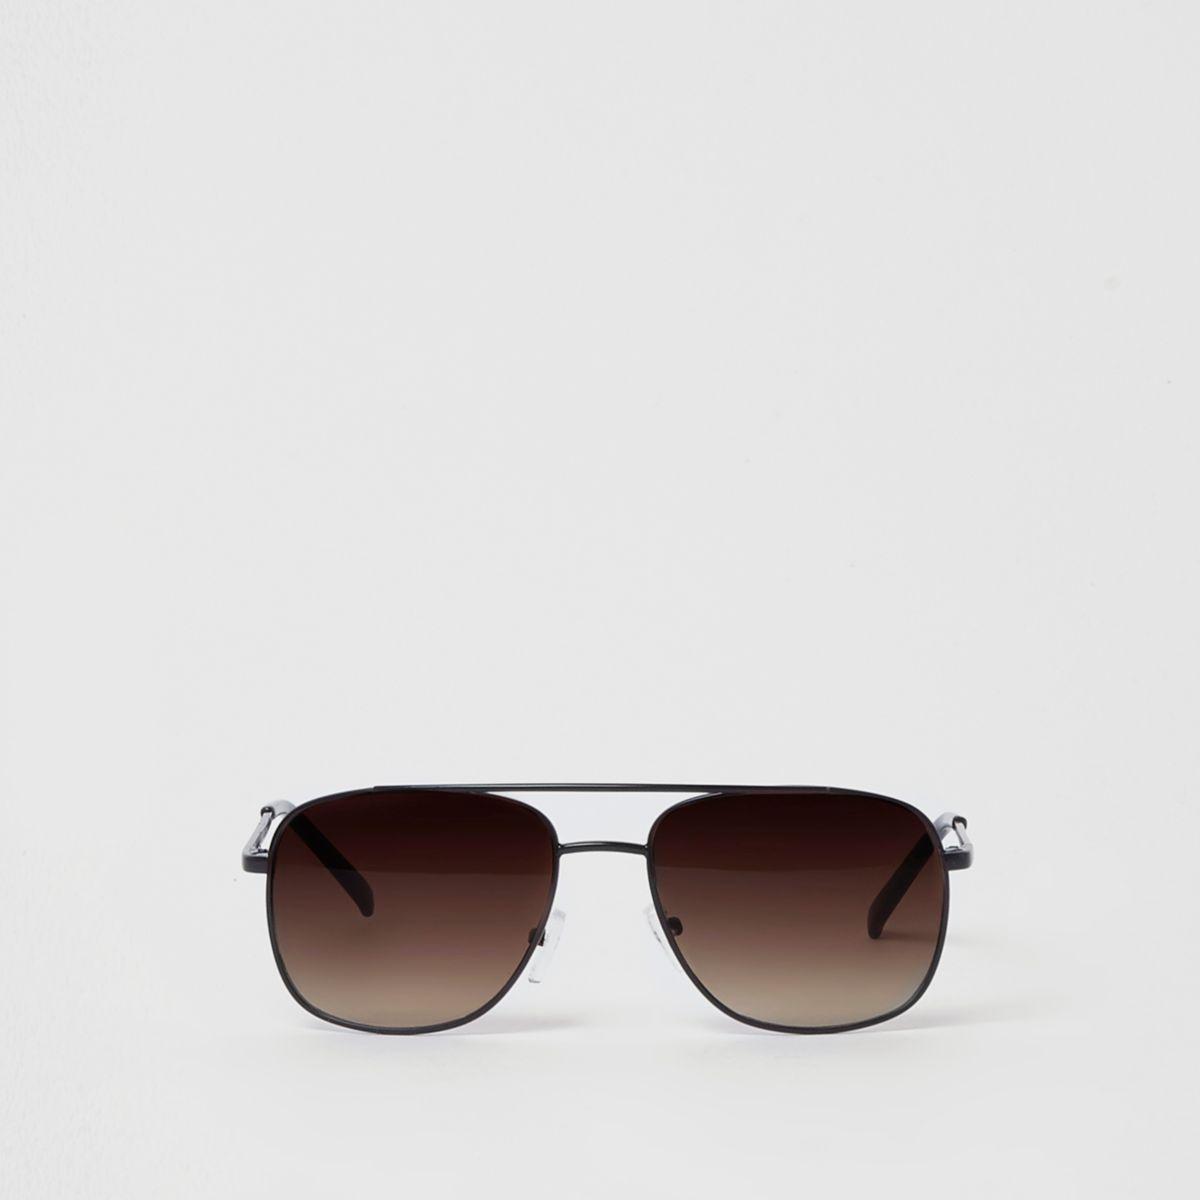 Boys black brown tinted brow bar sunglasses